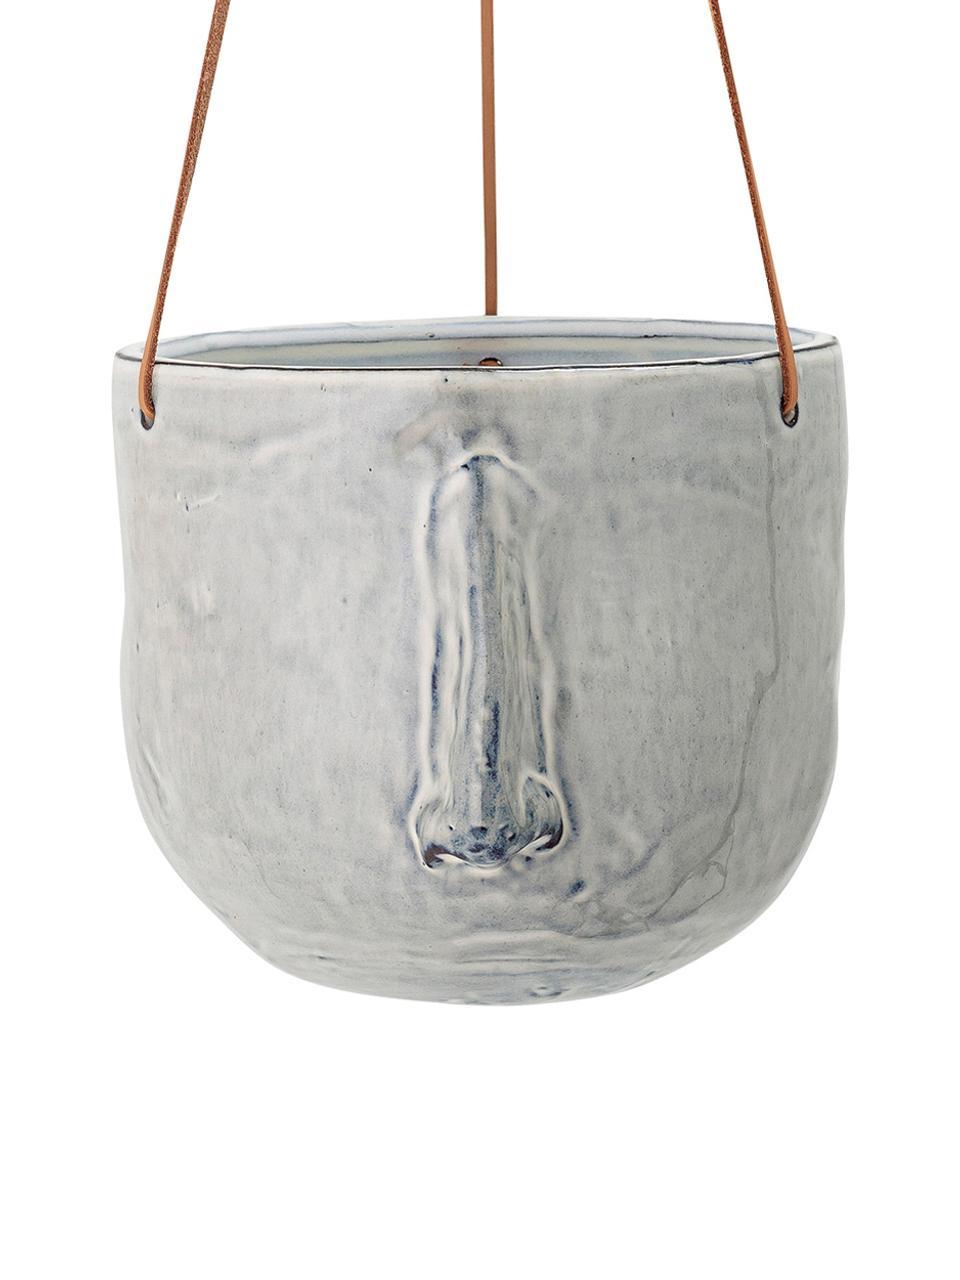 Hängender Übertopf Sama aus Steingut, Übertopf: Steingut, Grau, Ø 17 x H 16 cm